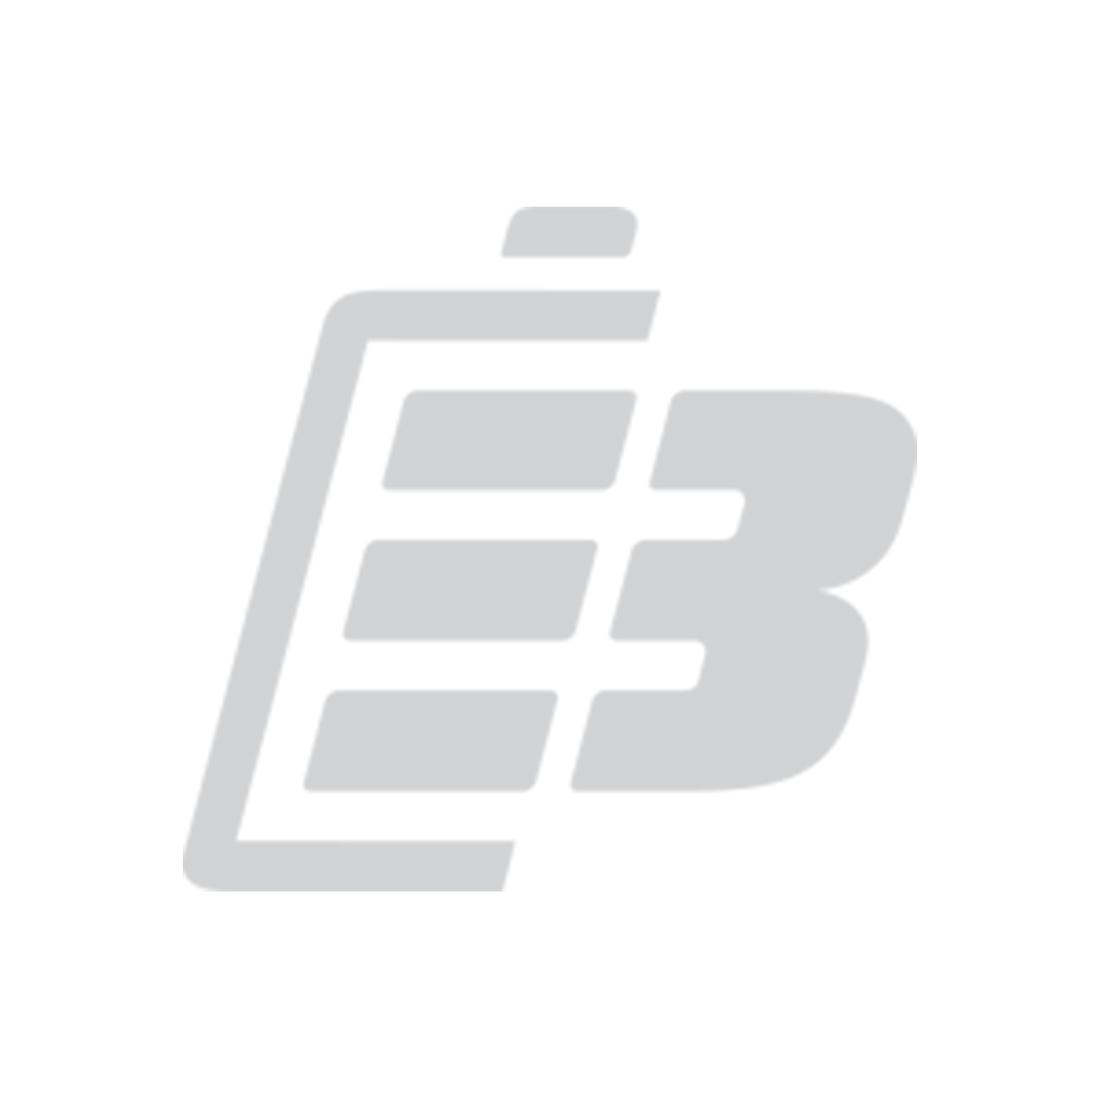 Μπαταρία barcode scanner Symbol PDT3100_1